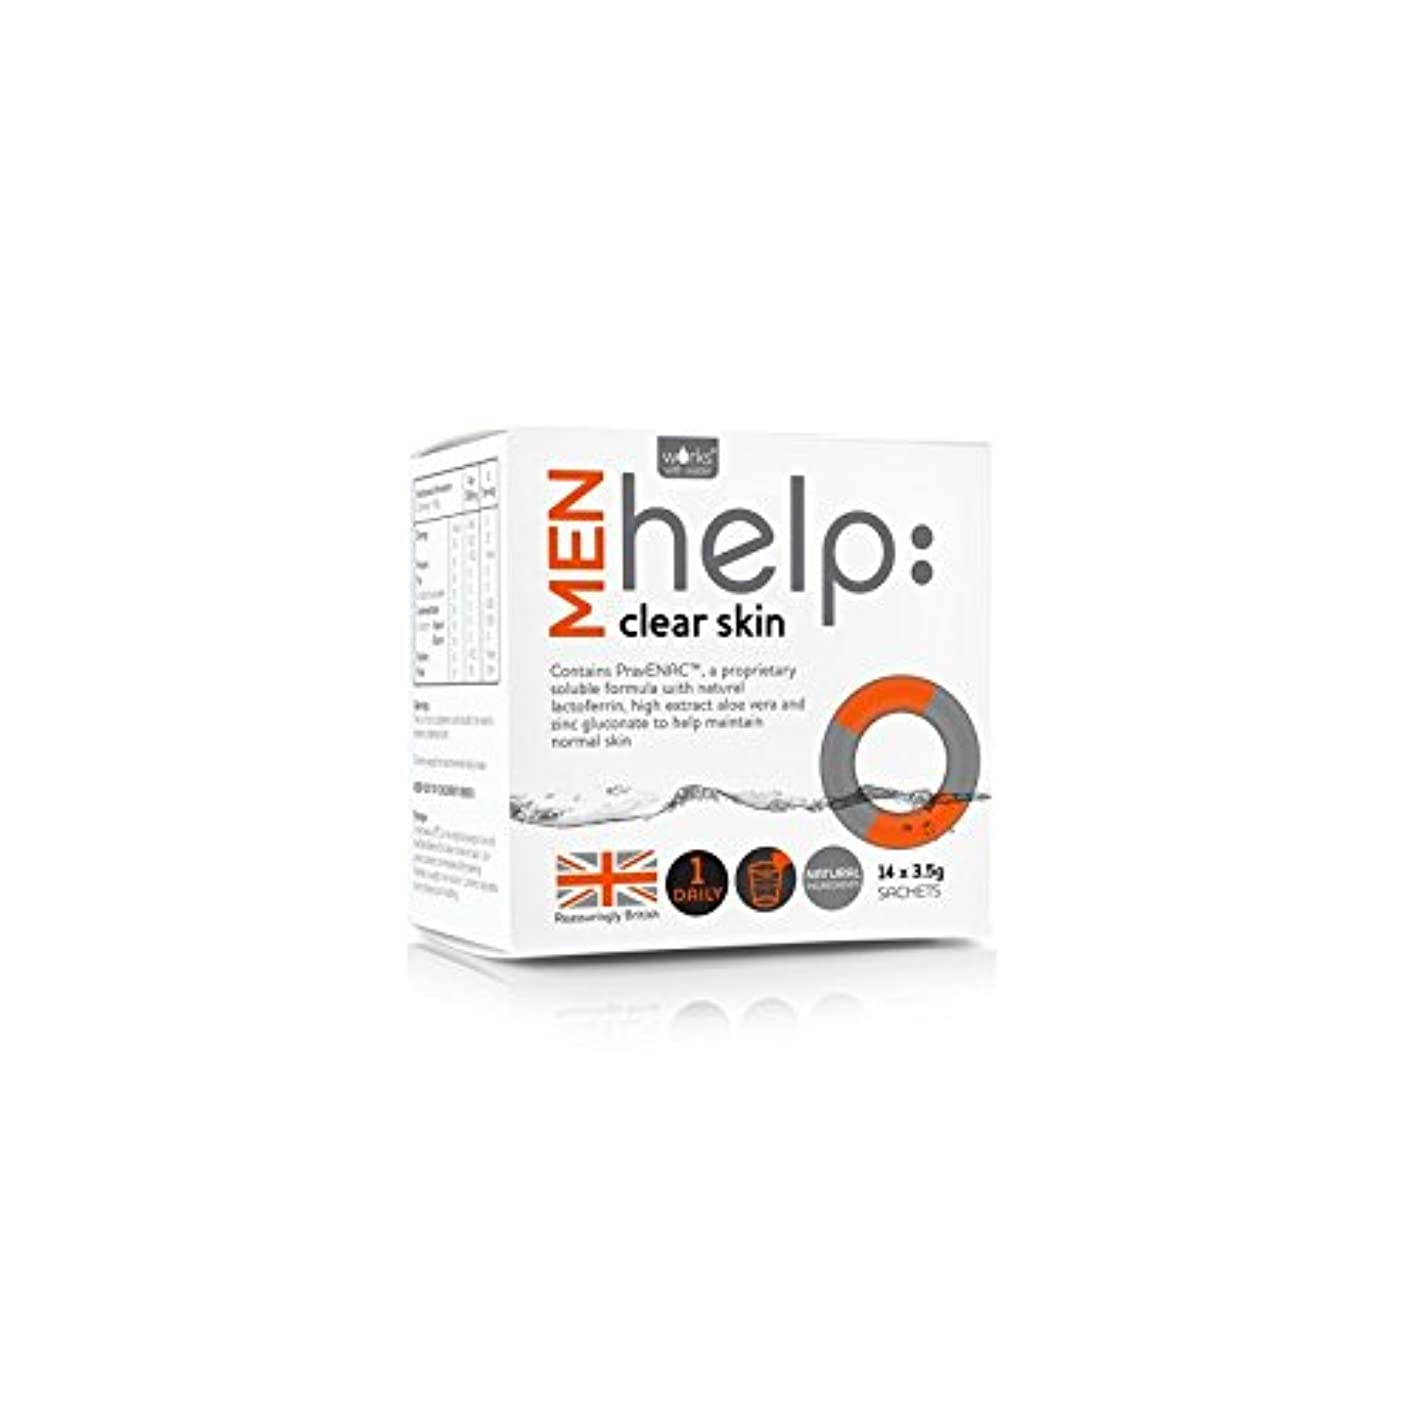 長いです軽量図クリアな肌可溶性サプリメント(14 3.5グラム):水男性の助けを借りて動作します x4 - Works With Water Men's Help: Clear Skin Soluble Supplement (14...